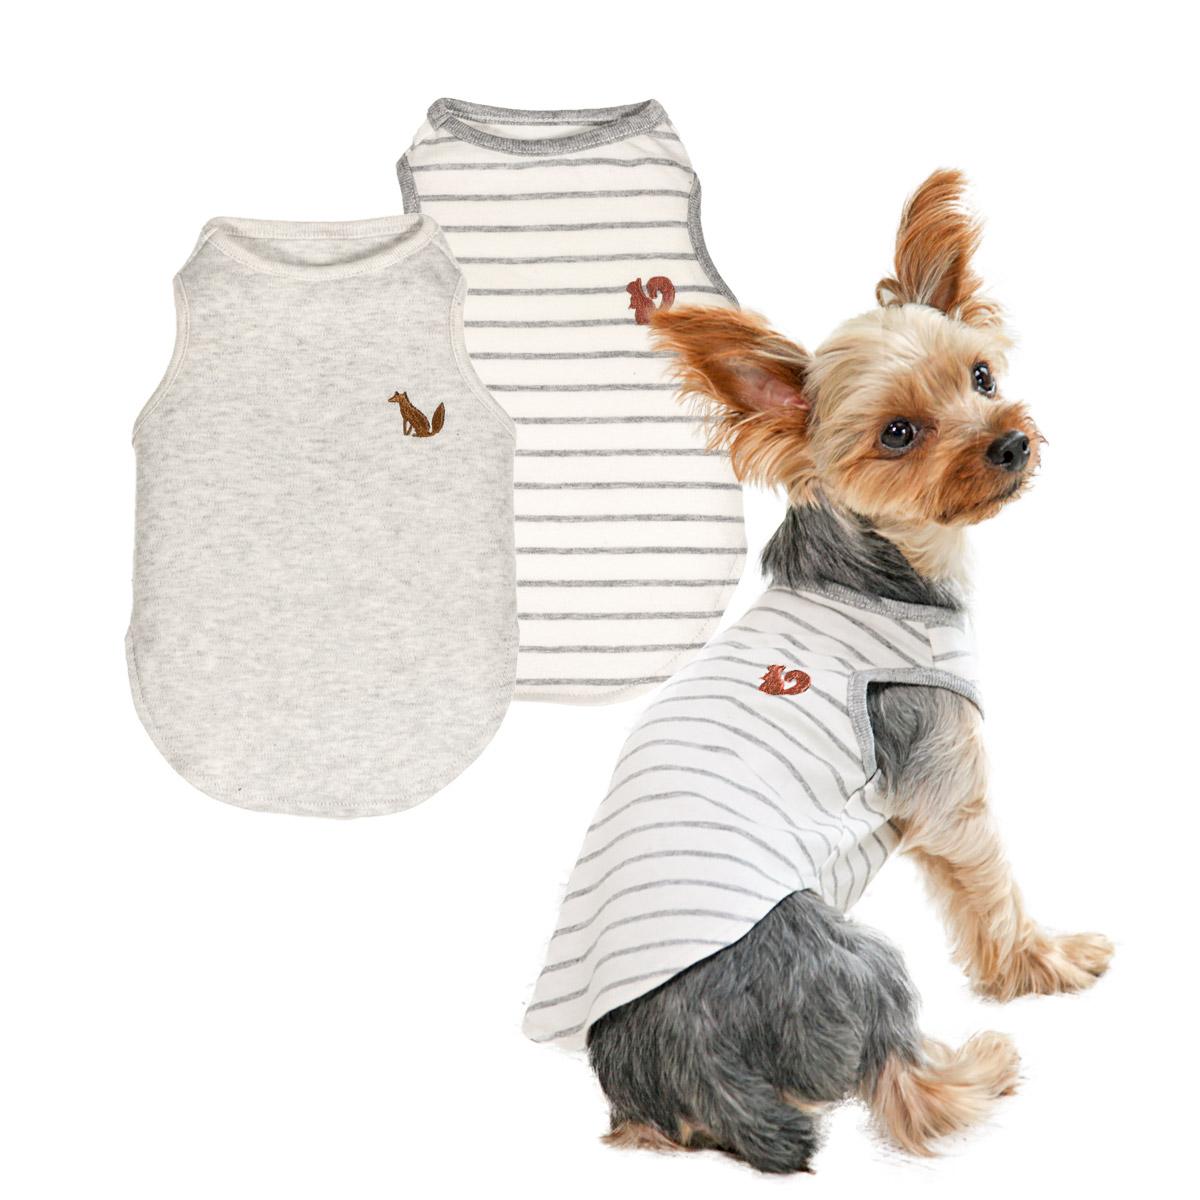 2020AWオーガニックコットンタンク犬と生活犬服 犬 服 オーガニック 肌着 タンク インナー 当店は最高な サービスを提供します 静電気防止 高額売筋